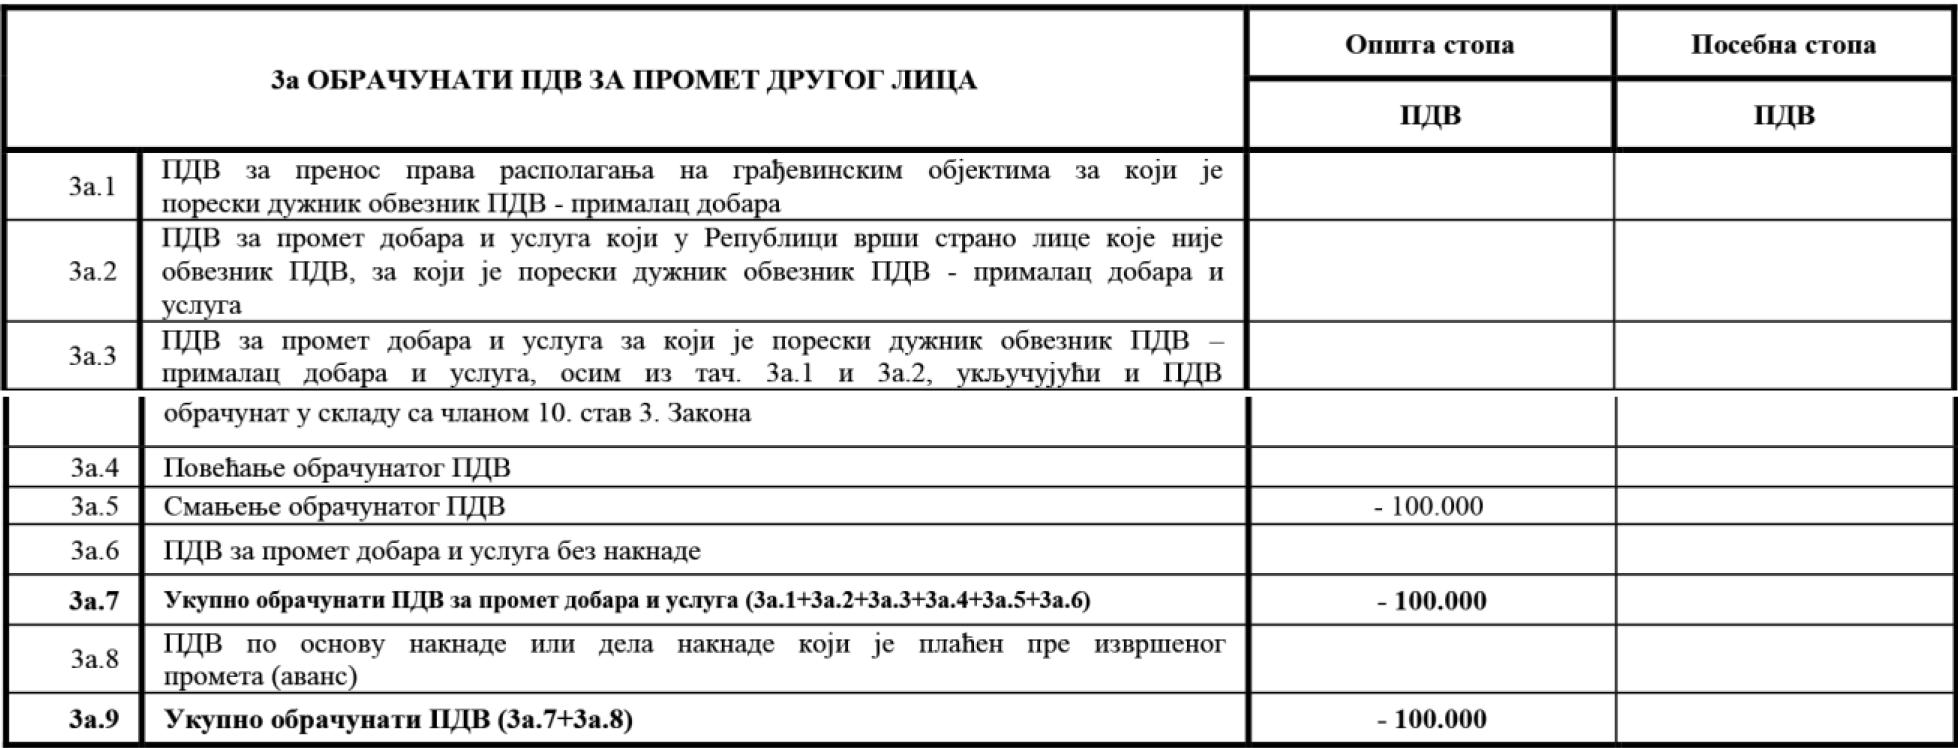 uputstvo PU obrazac POPDV primer 74